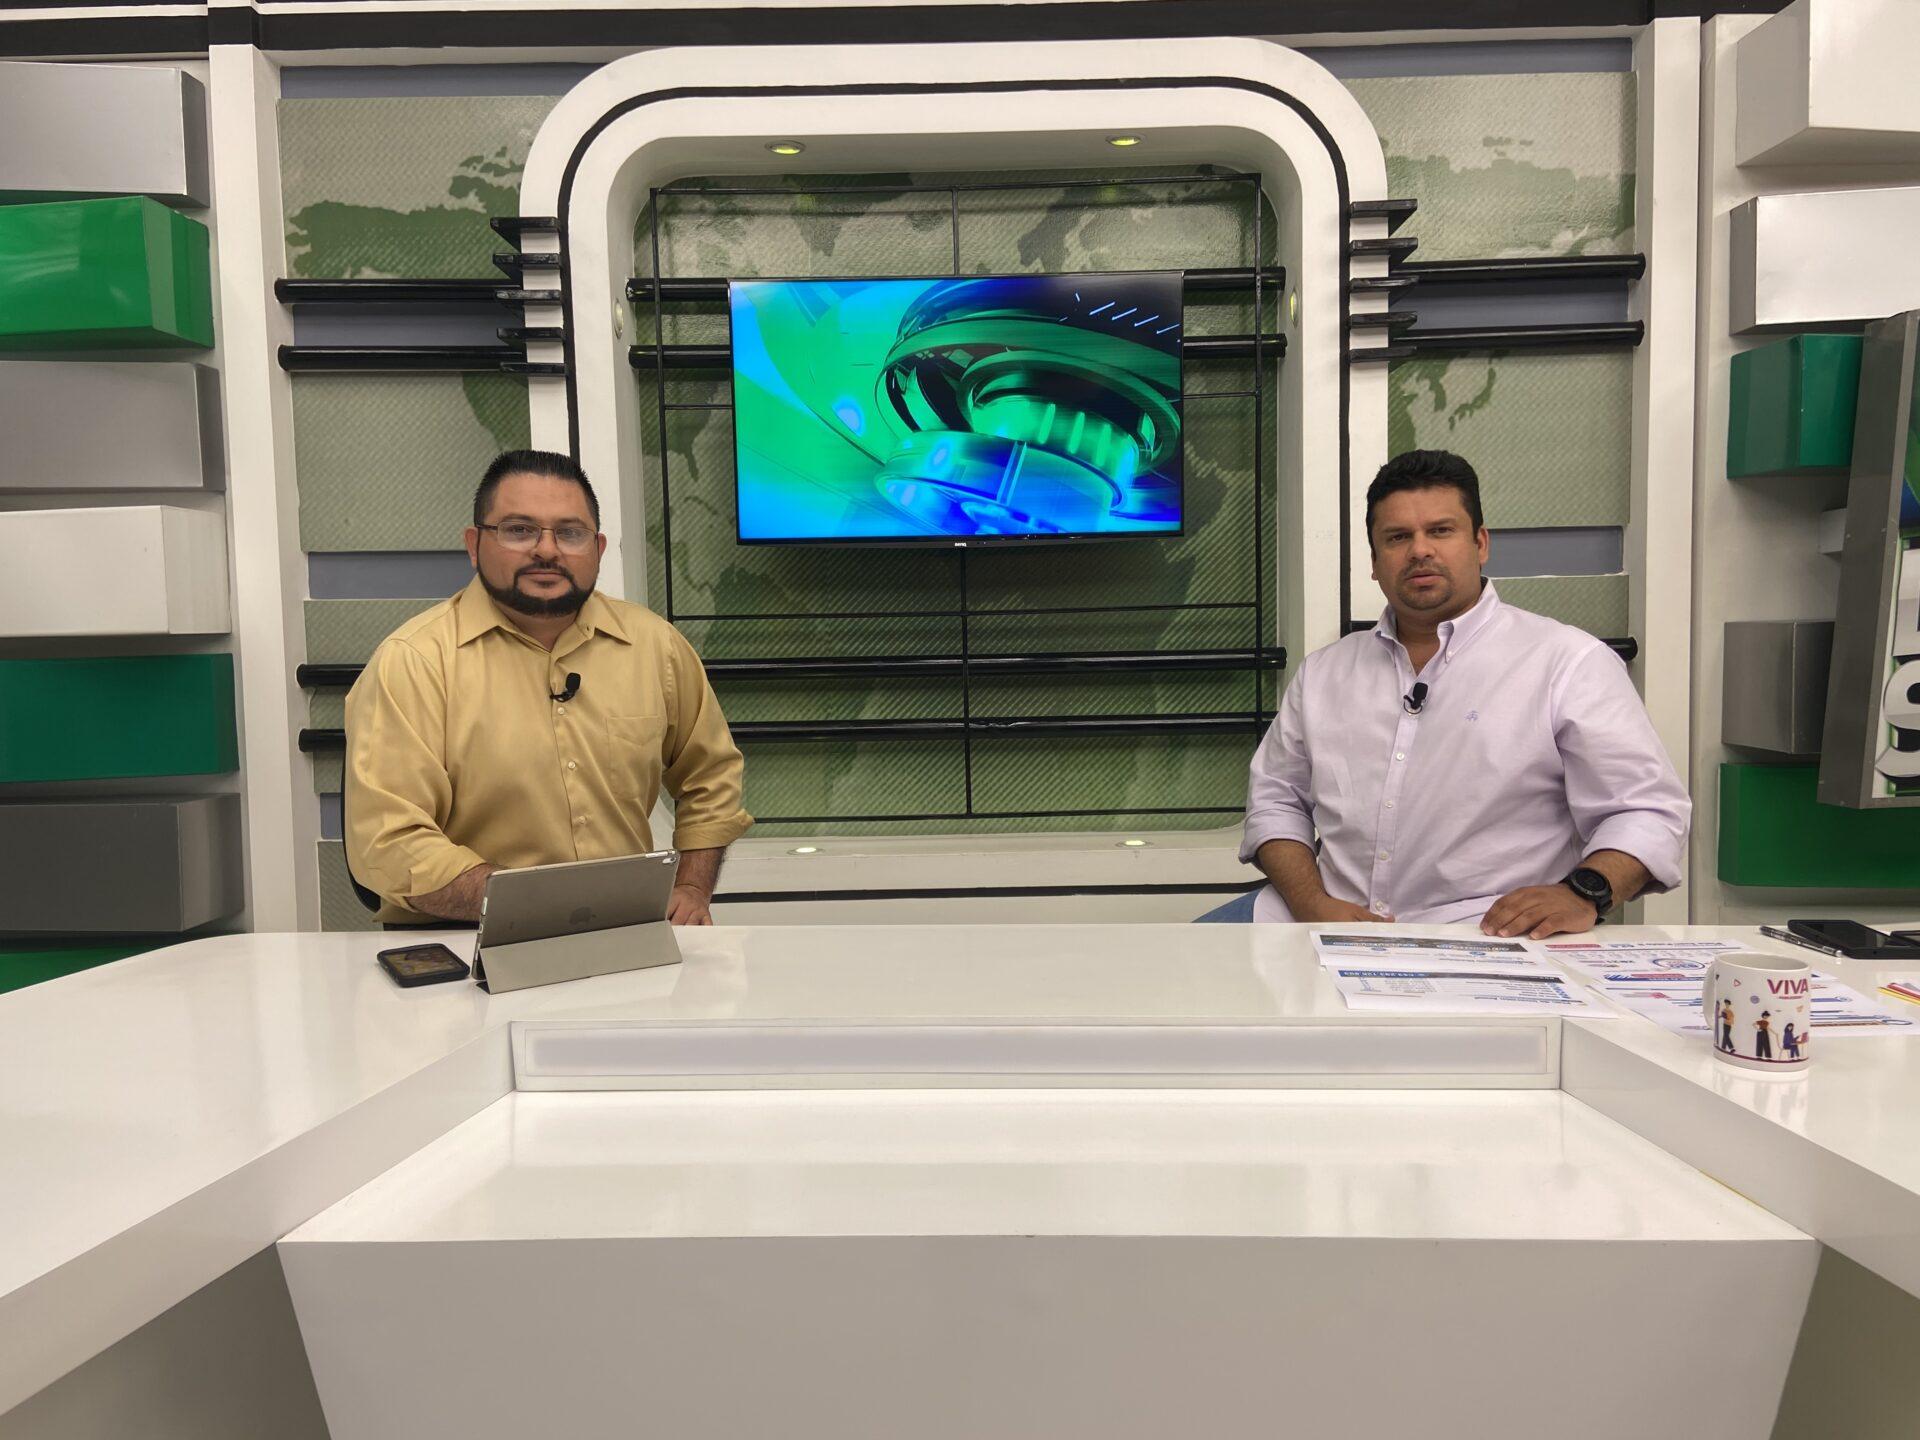 Managuas gozarán de nuevas obras sociales gracias al Buen Gobierno